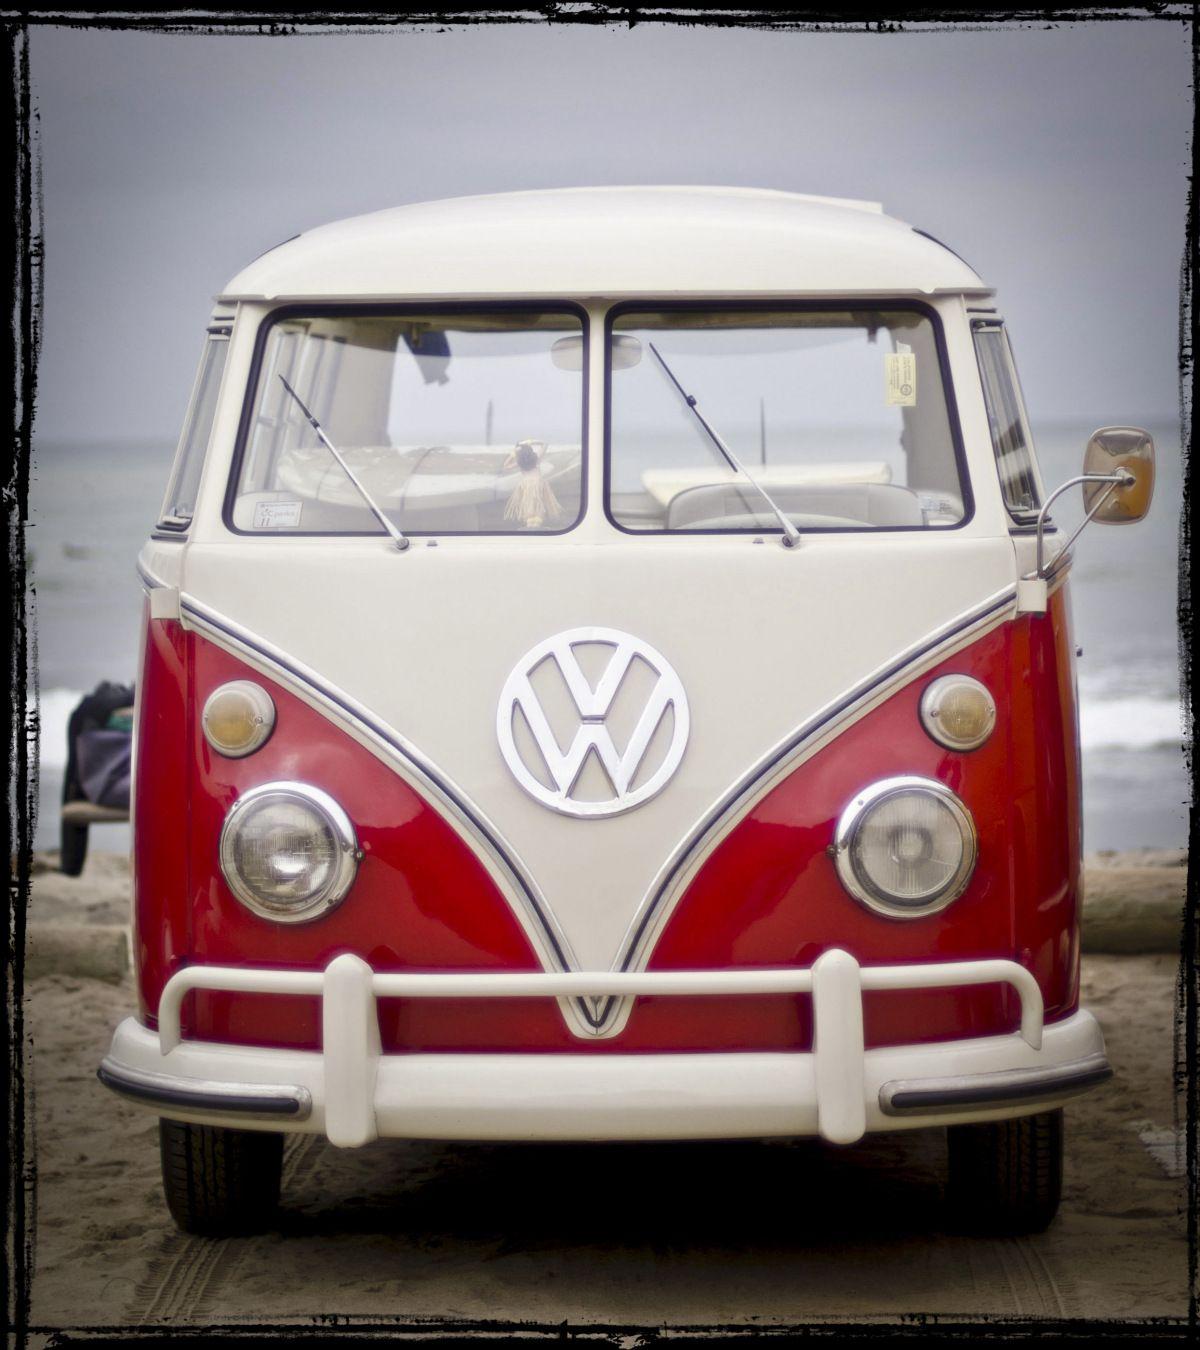 San Diego Beach Surf A Vw Bus Vw Bus Volkswagen Van Vintage